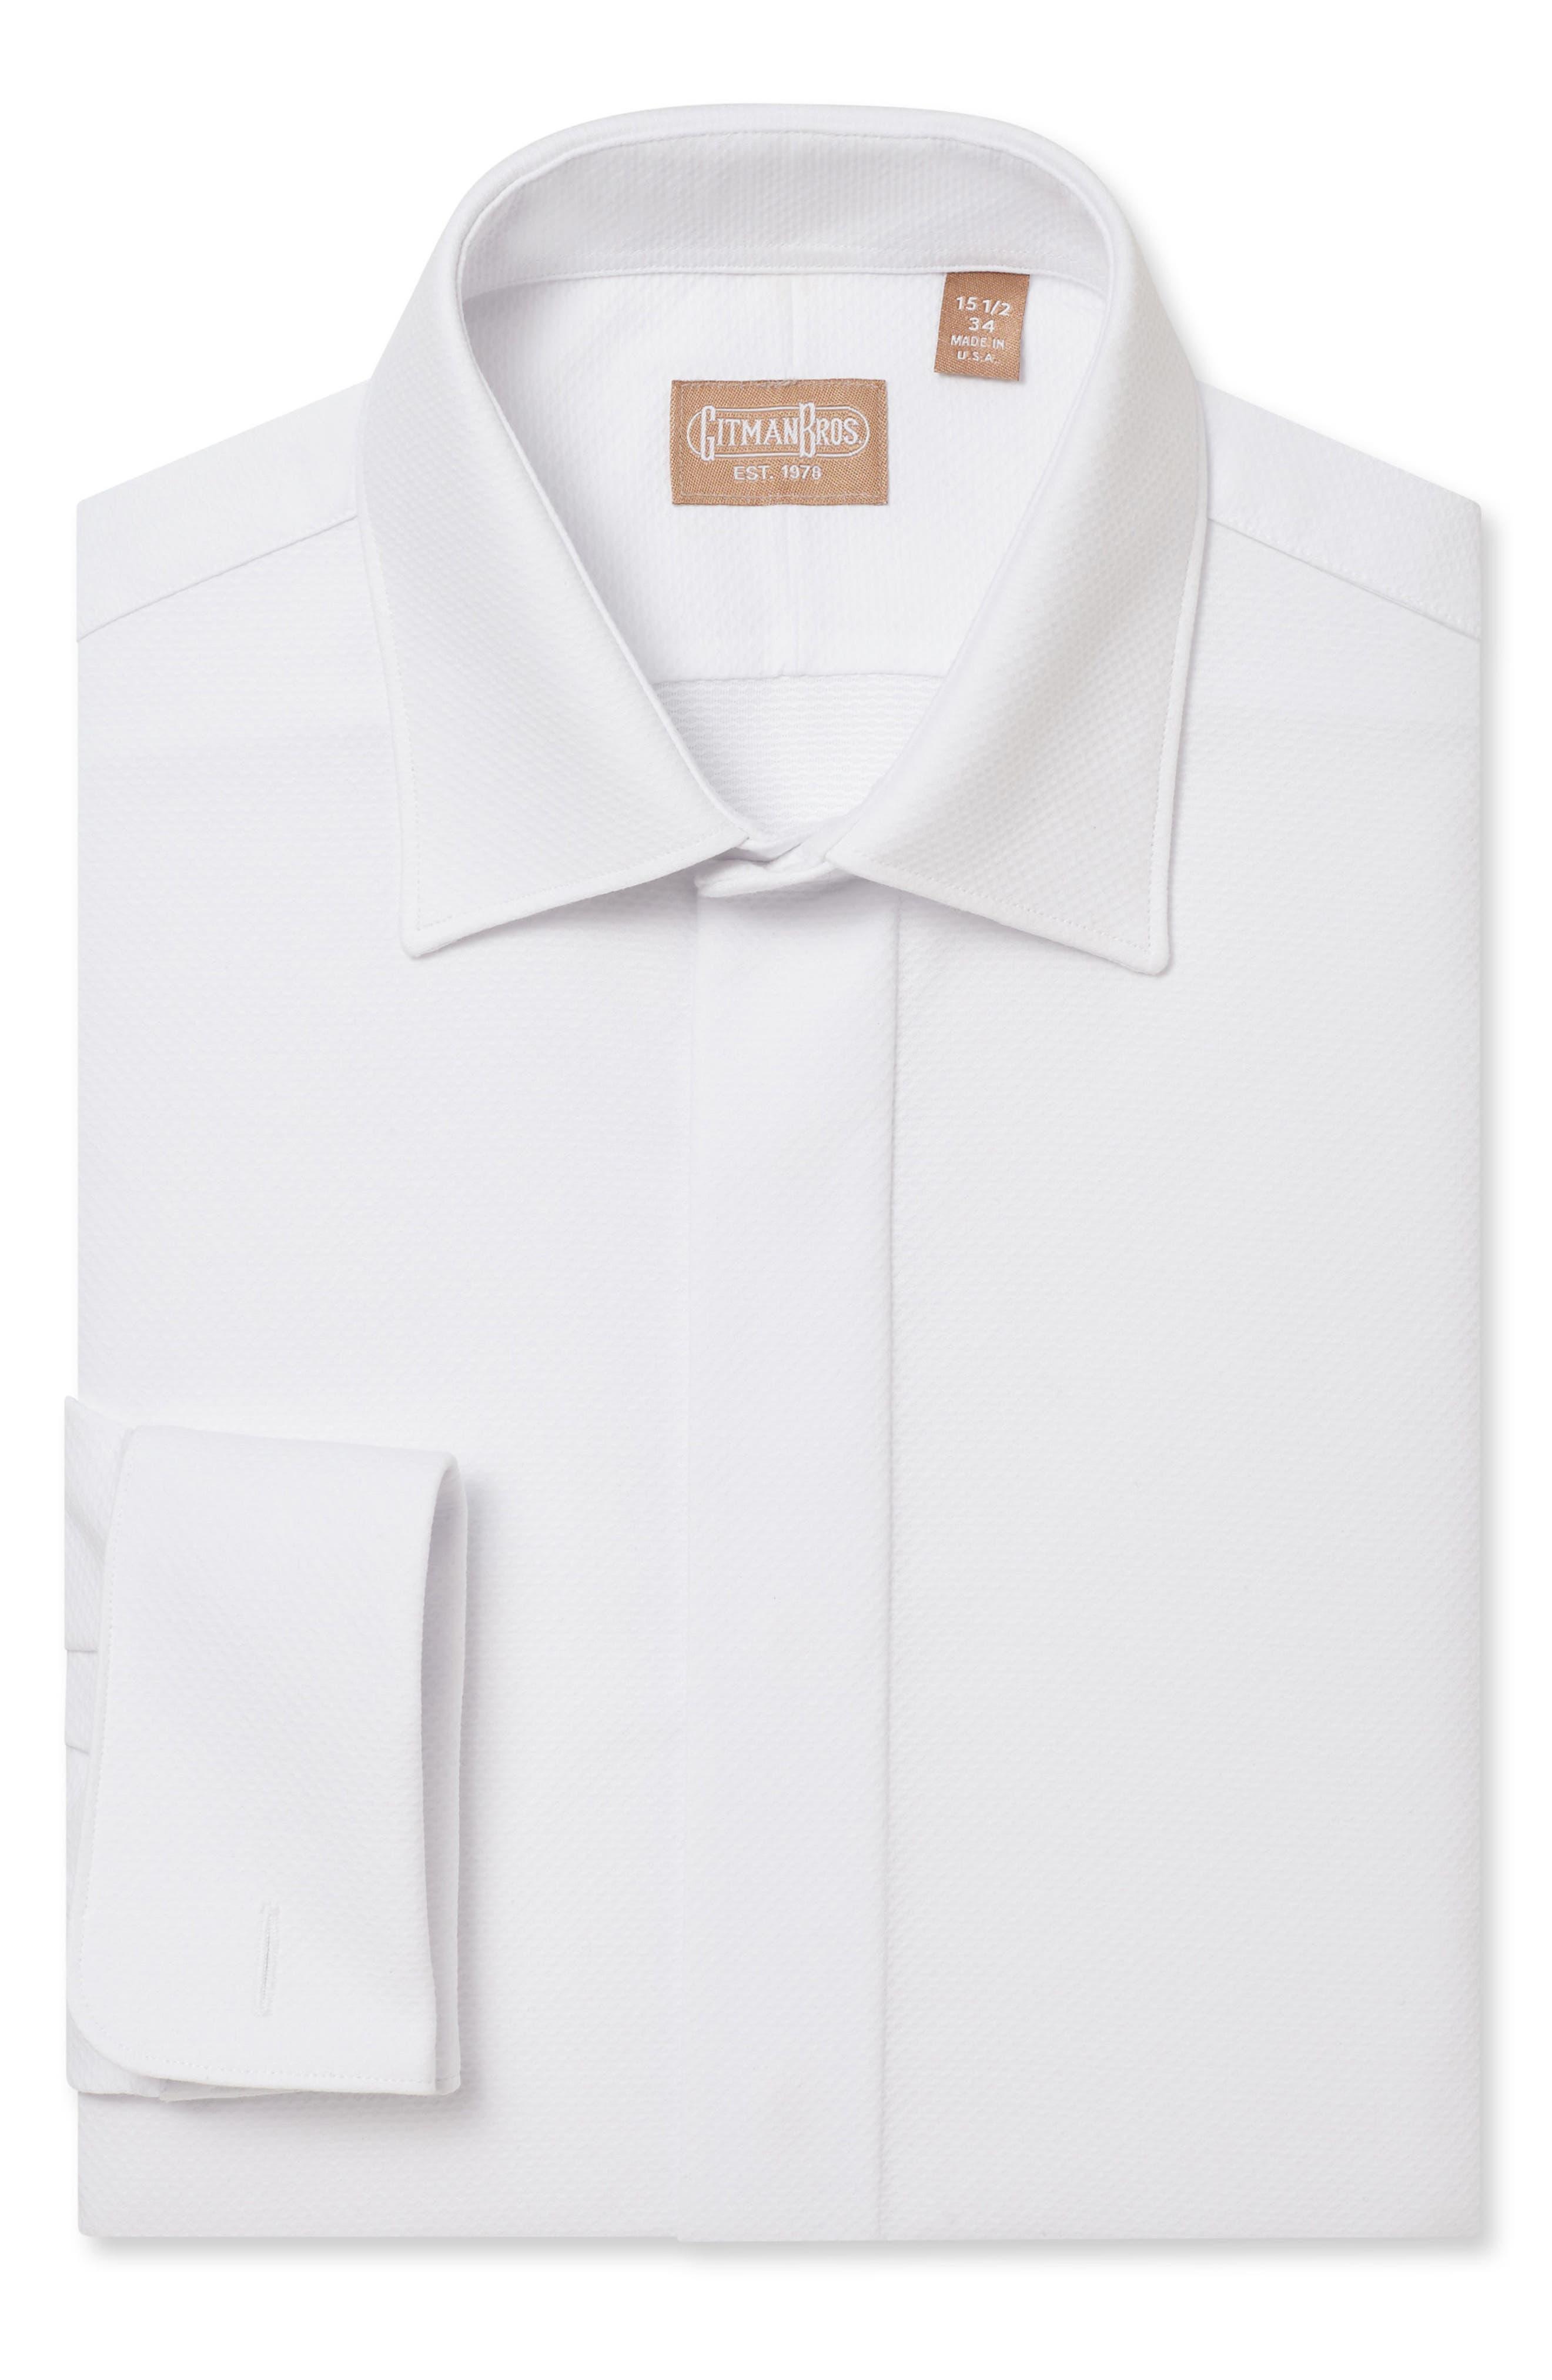 Regular Fit Tuxedo Shirt,                         Main,                         color, White